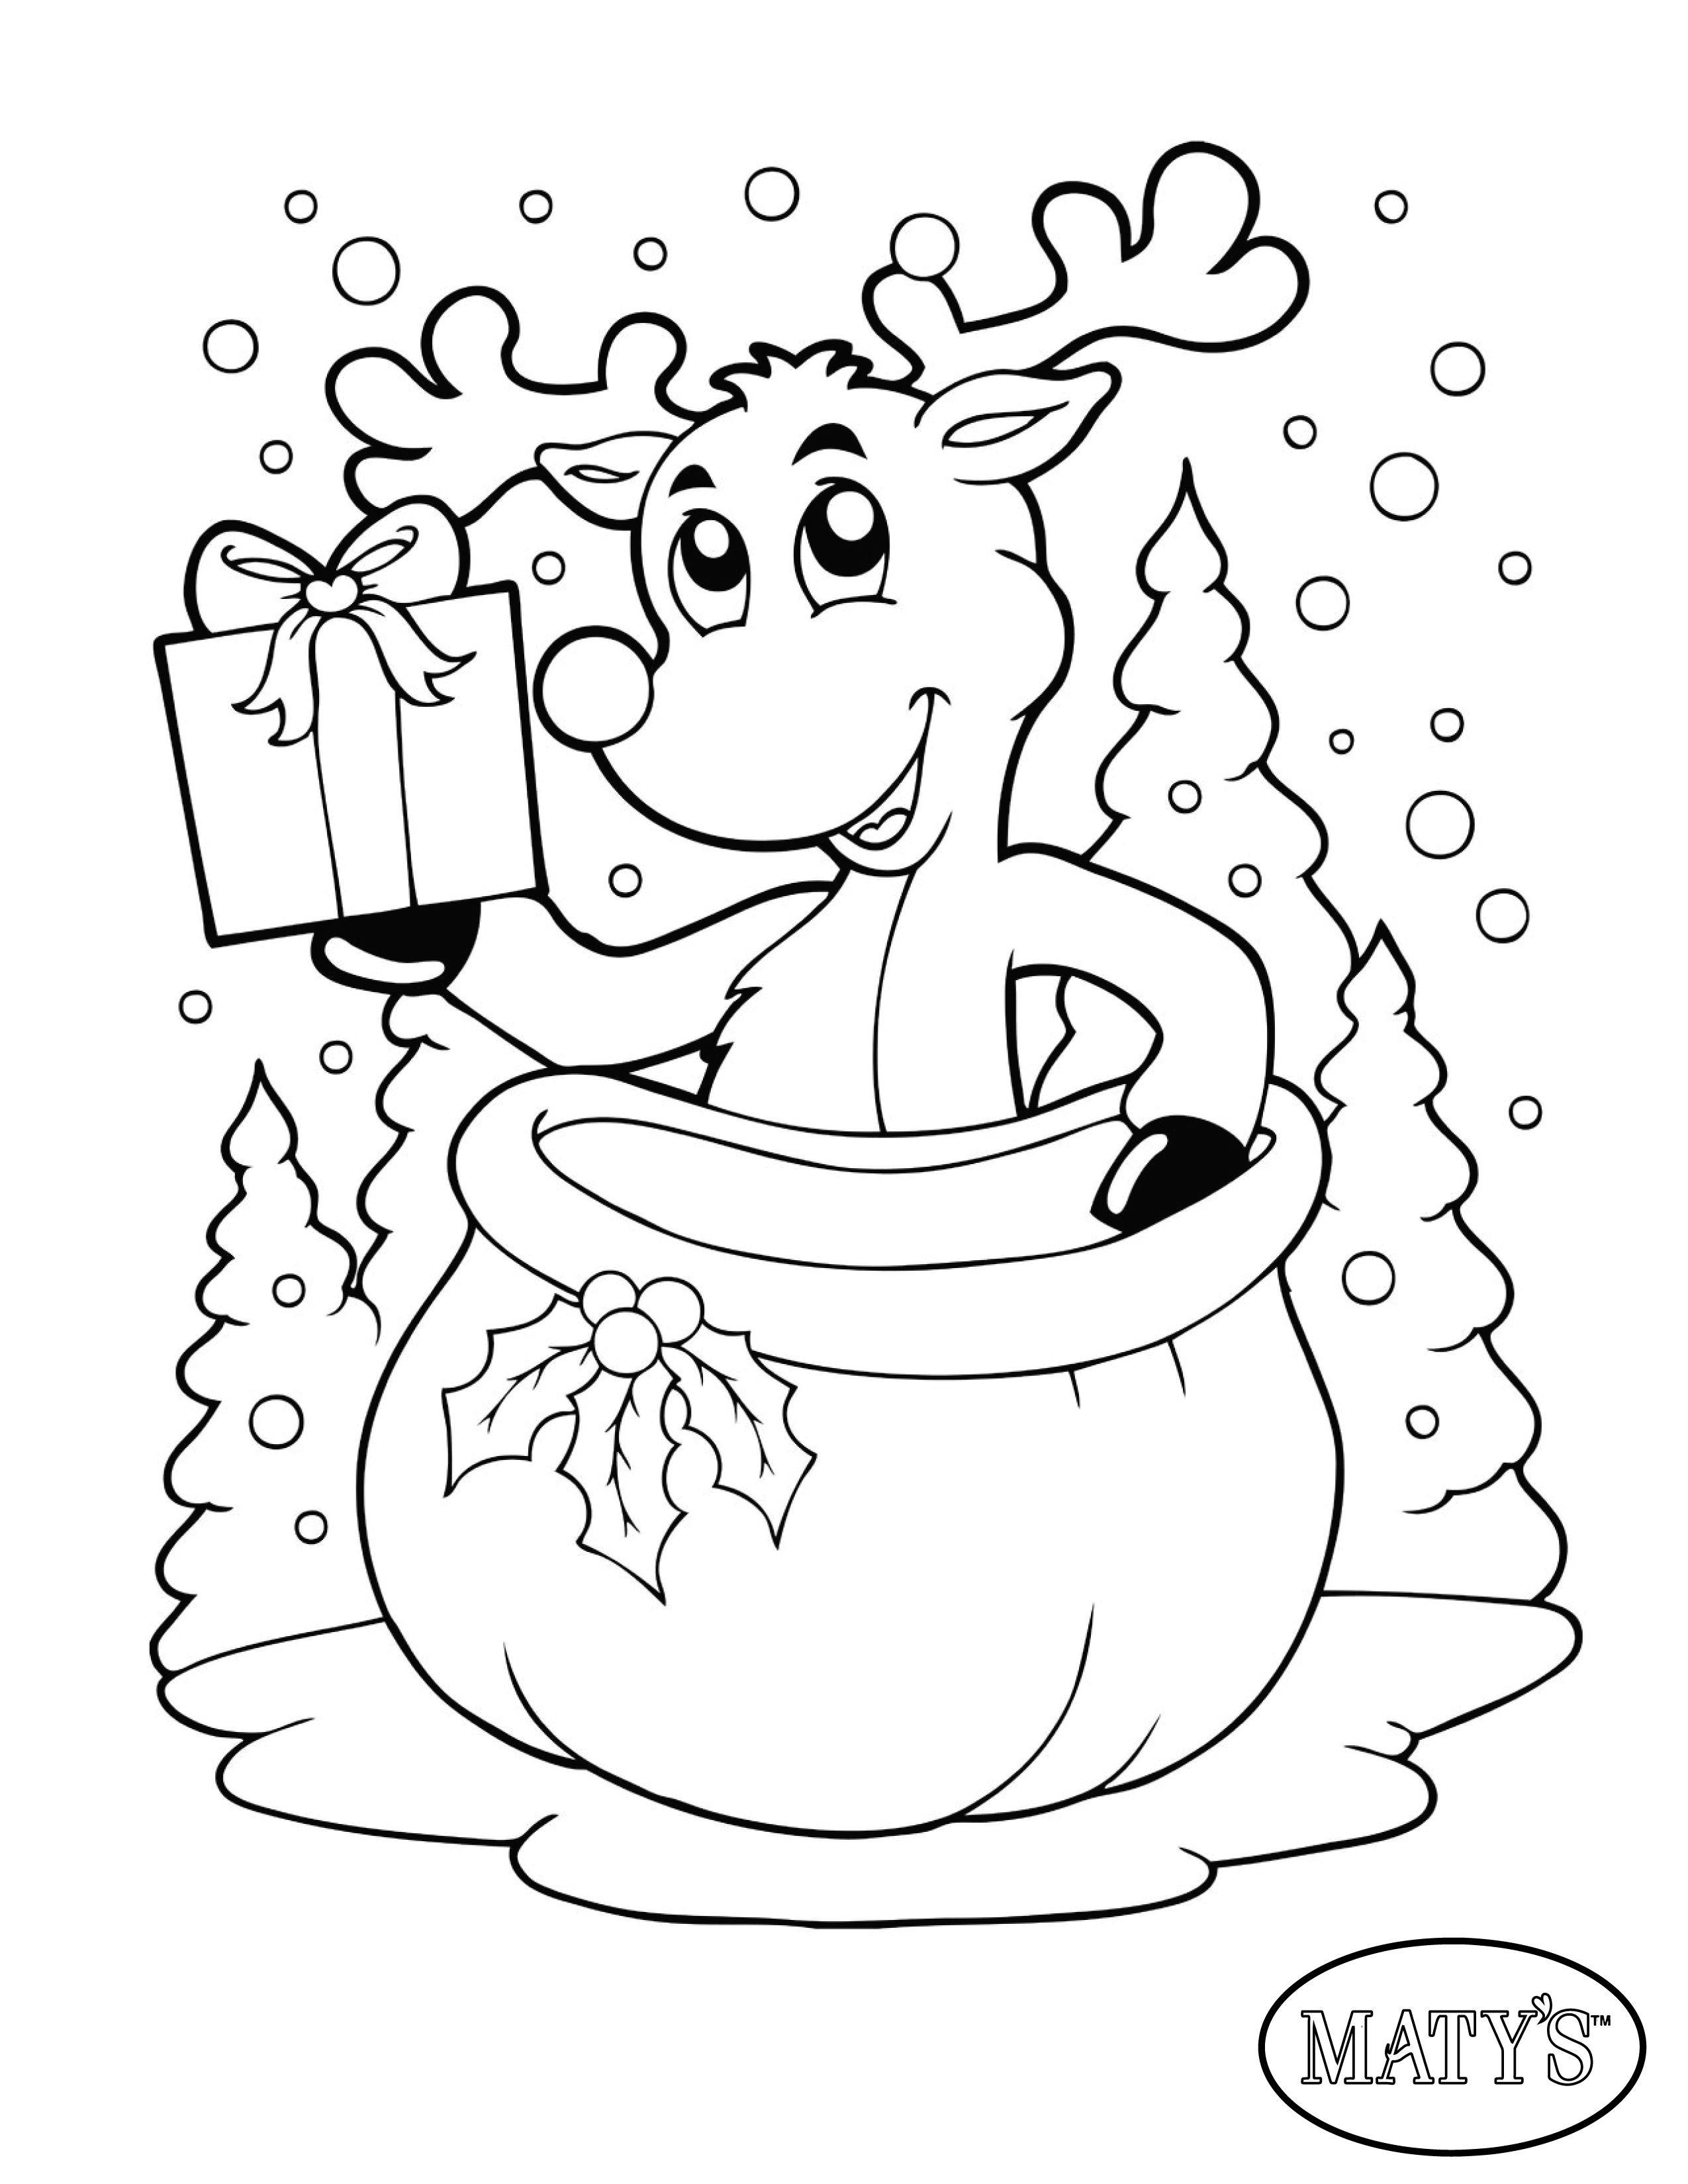 Ausmalbilder Weihnachten Rudolph Das Beste Von Here S A Holiday Printable to Keep the Kids Busy while You Fotos